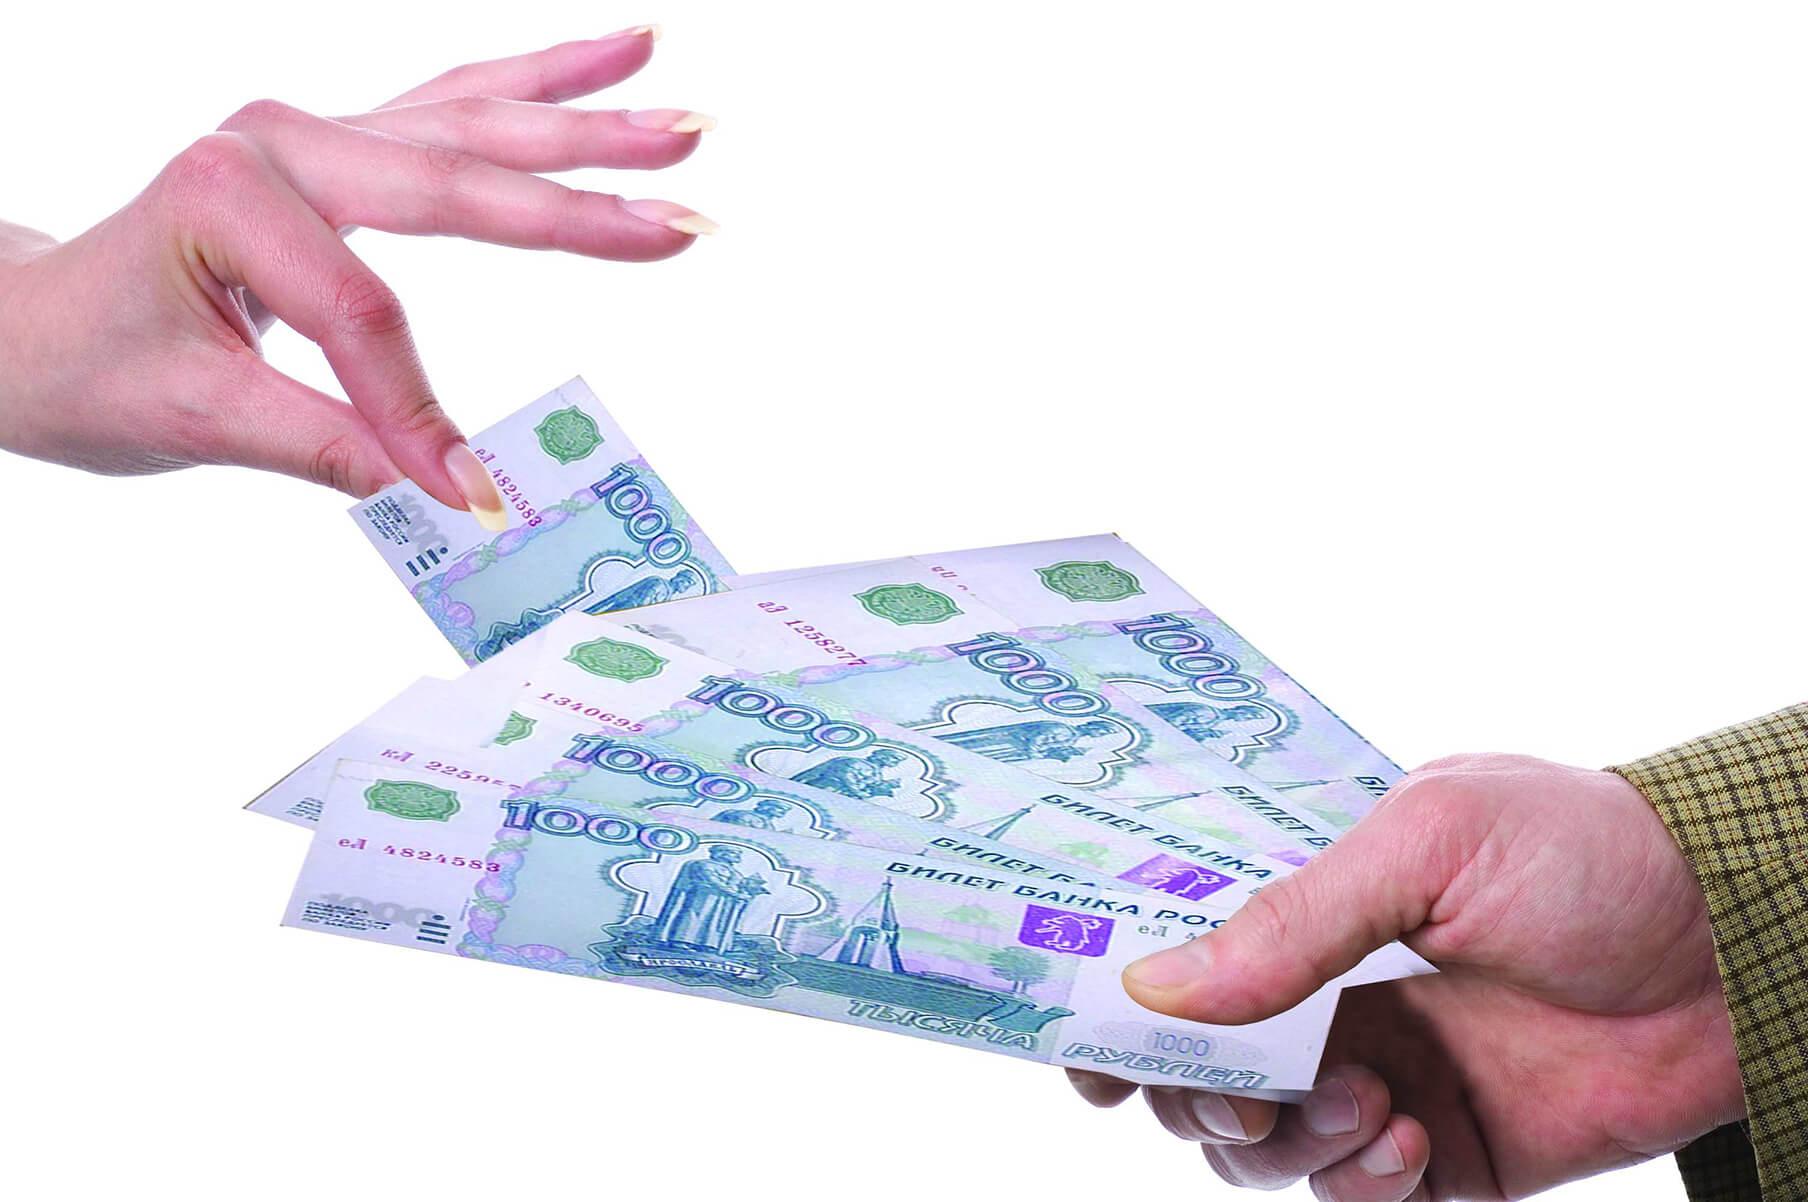 Как лучше всего получить целевой займ под материнский капитал?